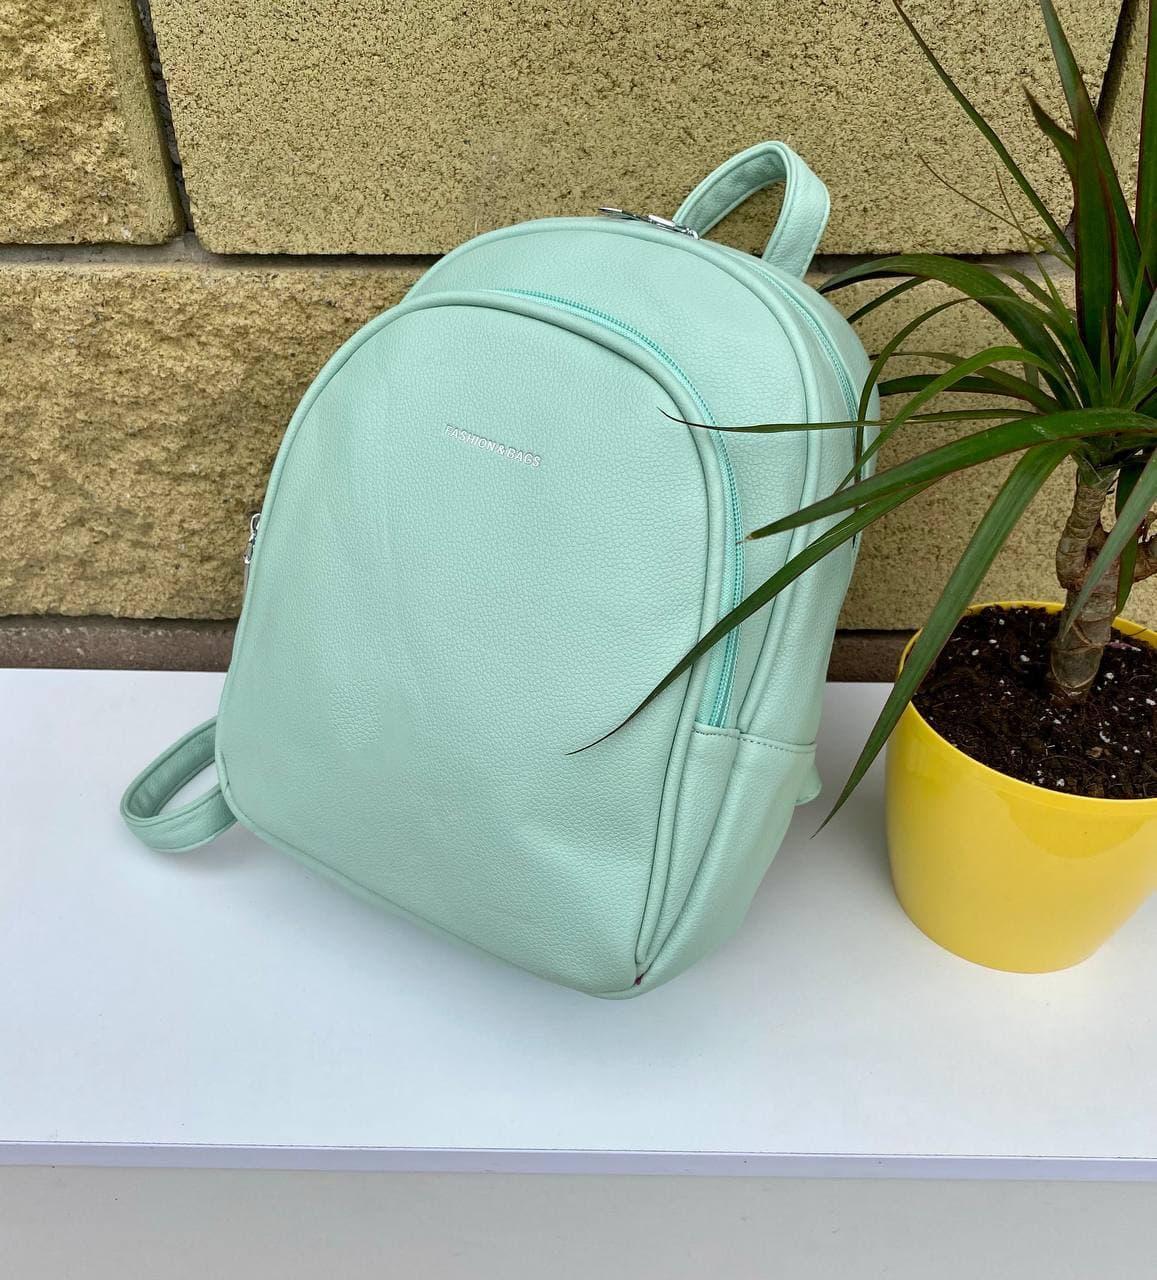 Женский кожаный зеленый рюкзак (эко кожа) Johnny на 2 отдела. Стильный, повседневный, городской рюкзак